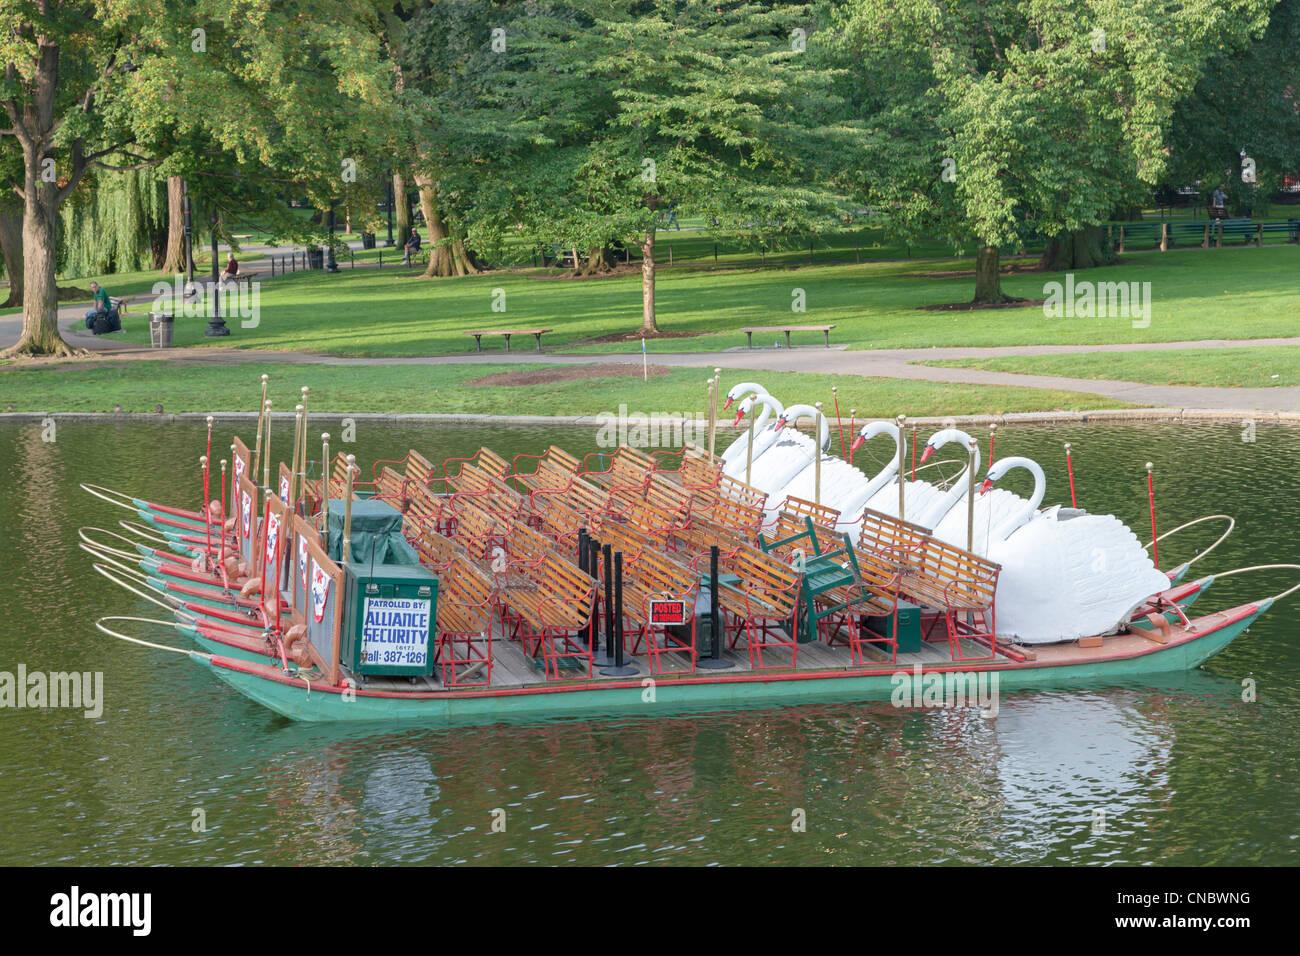 An empty Swan boat in a lake in Boston Public Garden in Boston, Massachusetts. - Stock Image